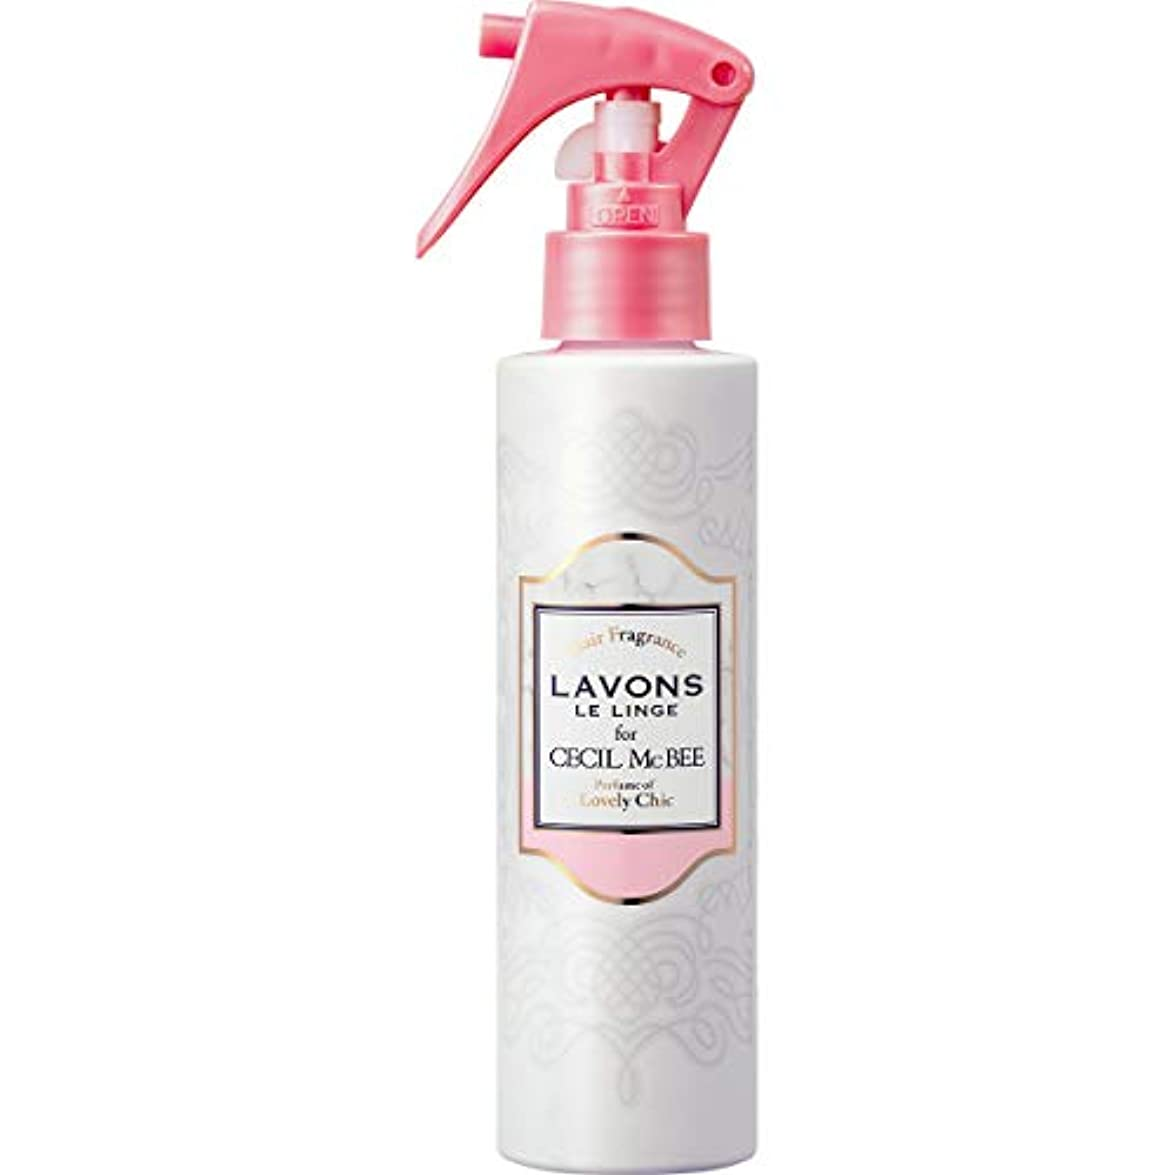 ワゴン平らな赤ちゃんラボン for CECIL McBEE ヘアフレグランスミスト ラブリーシックの香り 150ml